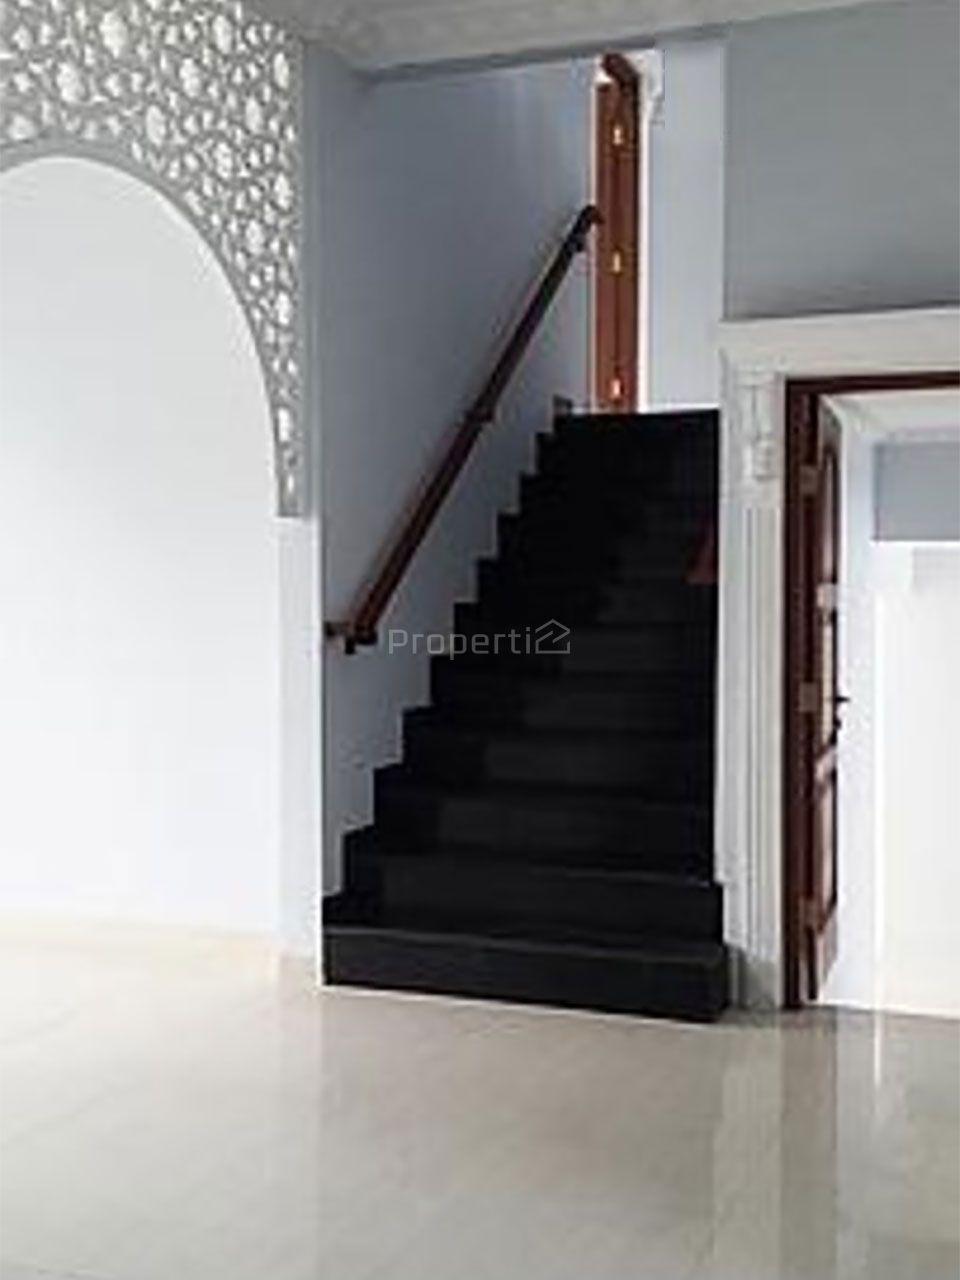 Rumah Mewah Klasik di Kota Wisata Cibubur, Jawa Barat